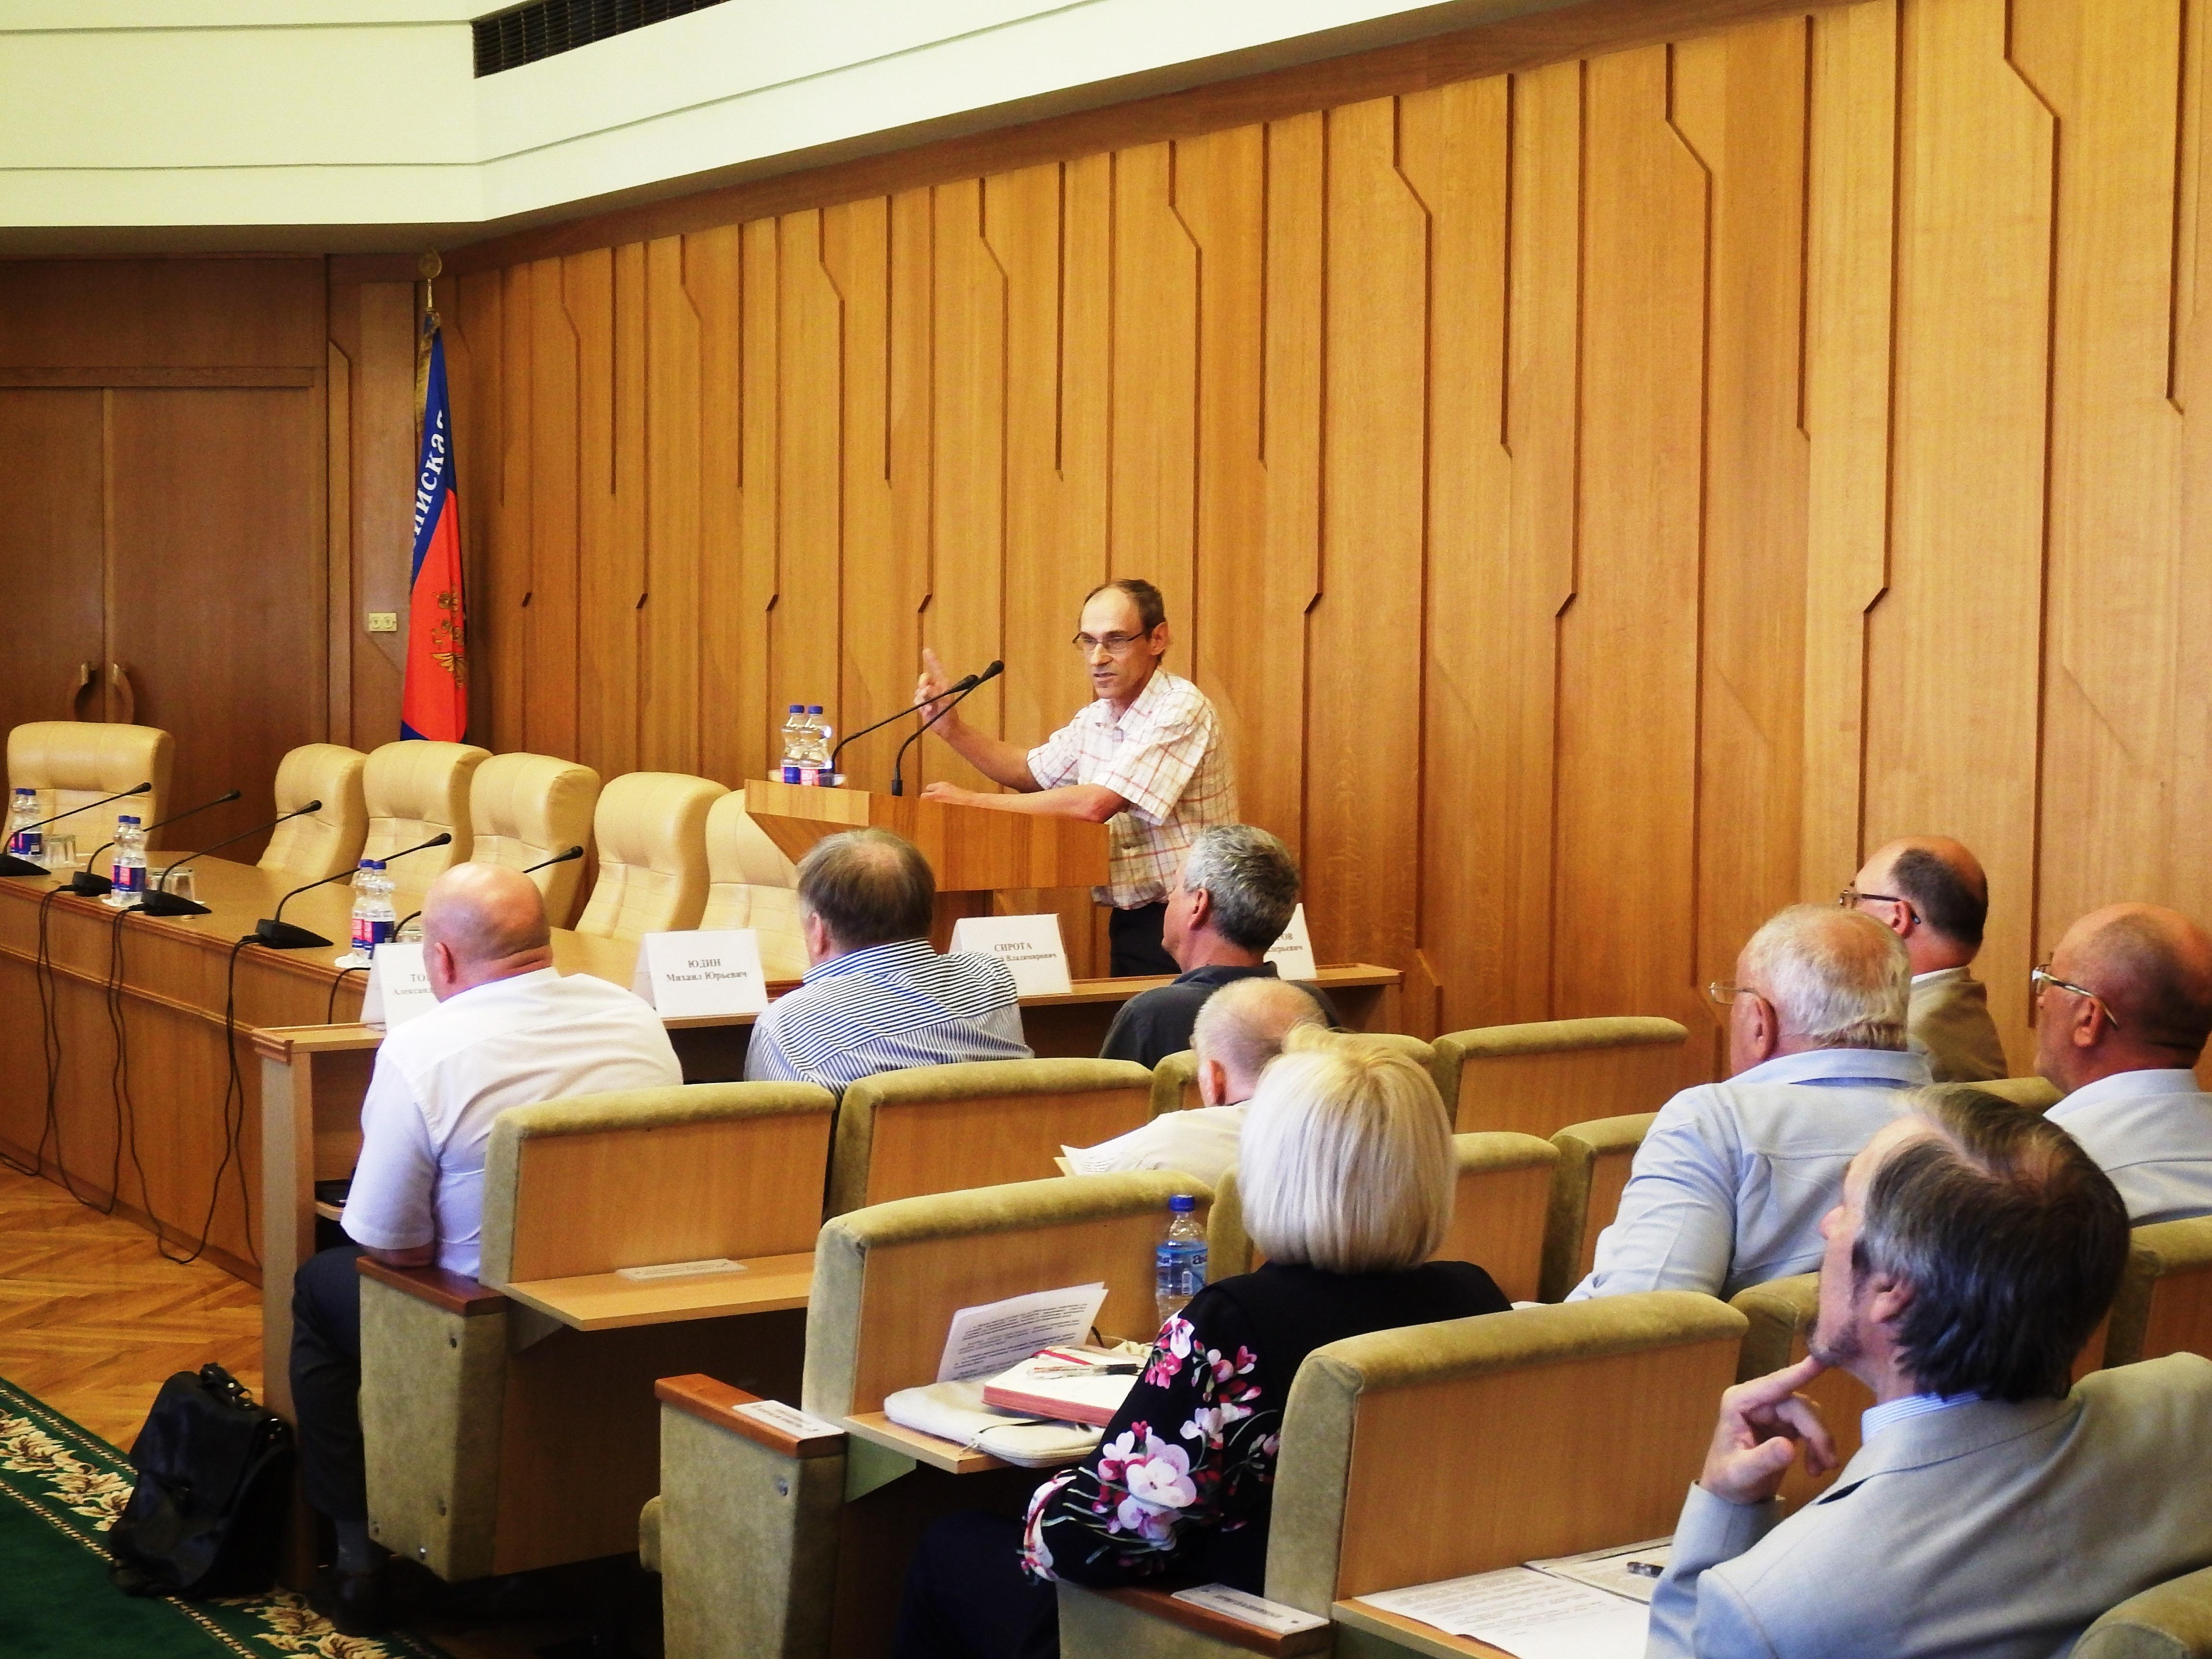 По инициативе Госкомводхоза РК состоялось заседание «круглого стола» по вопросам водообеспечения Крыма